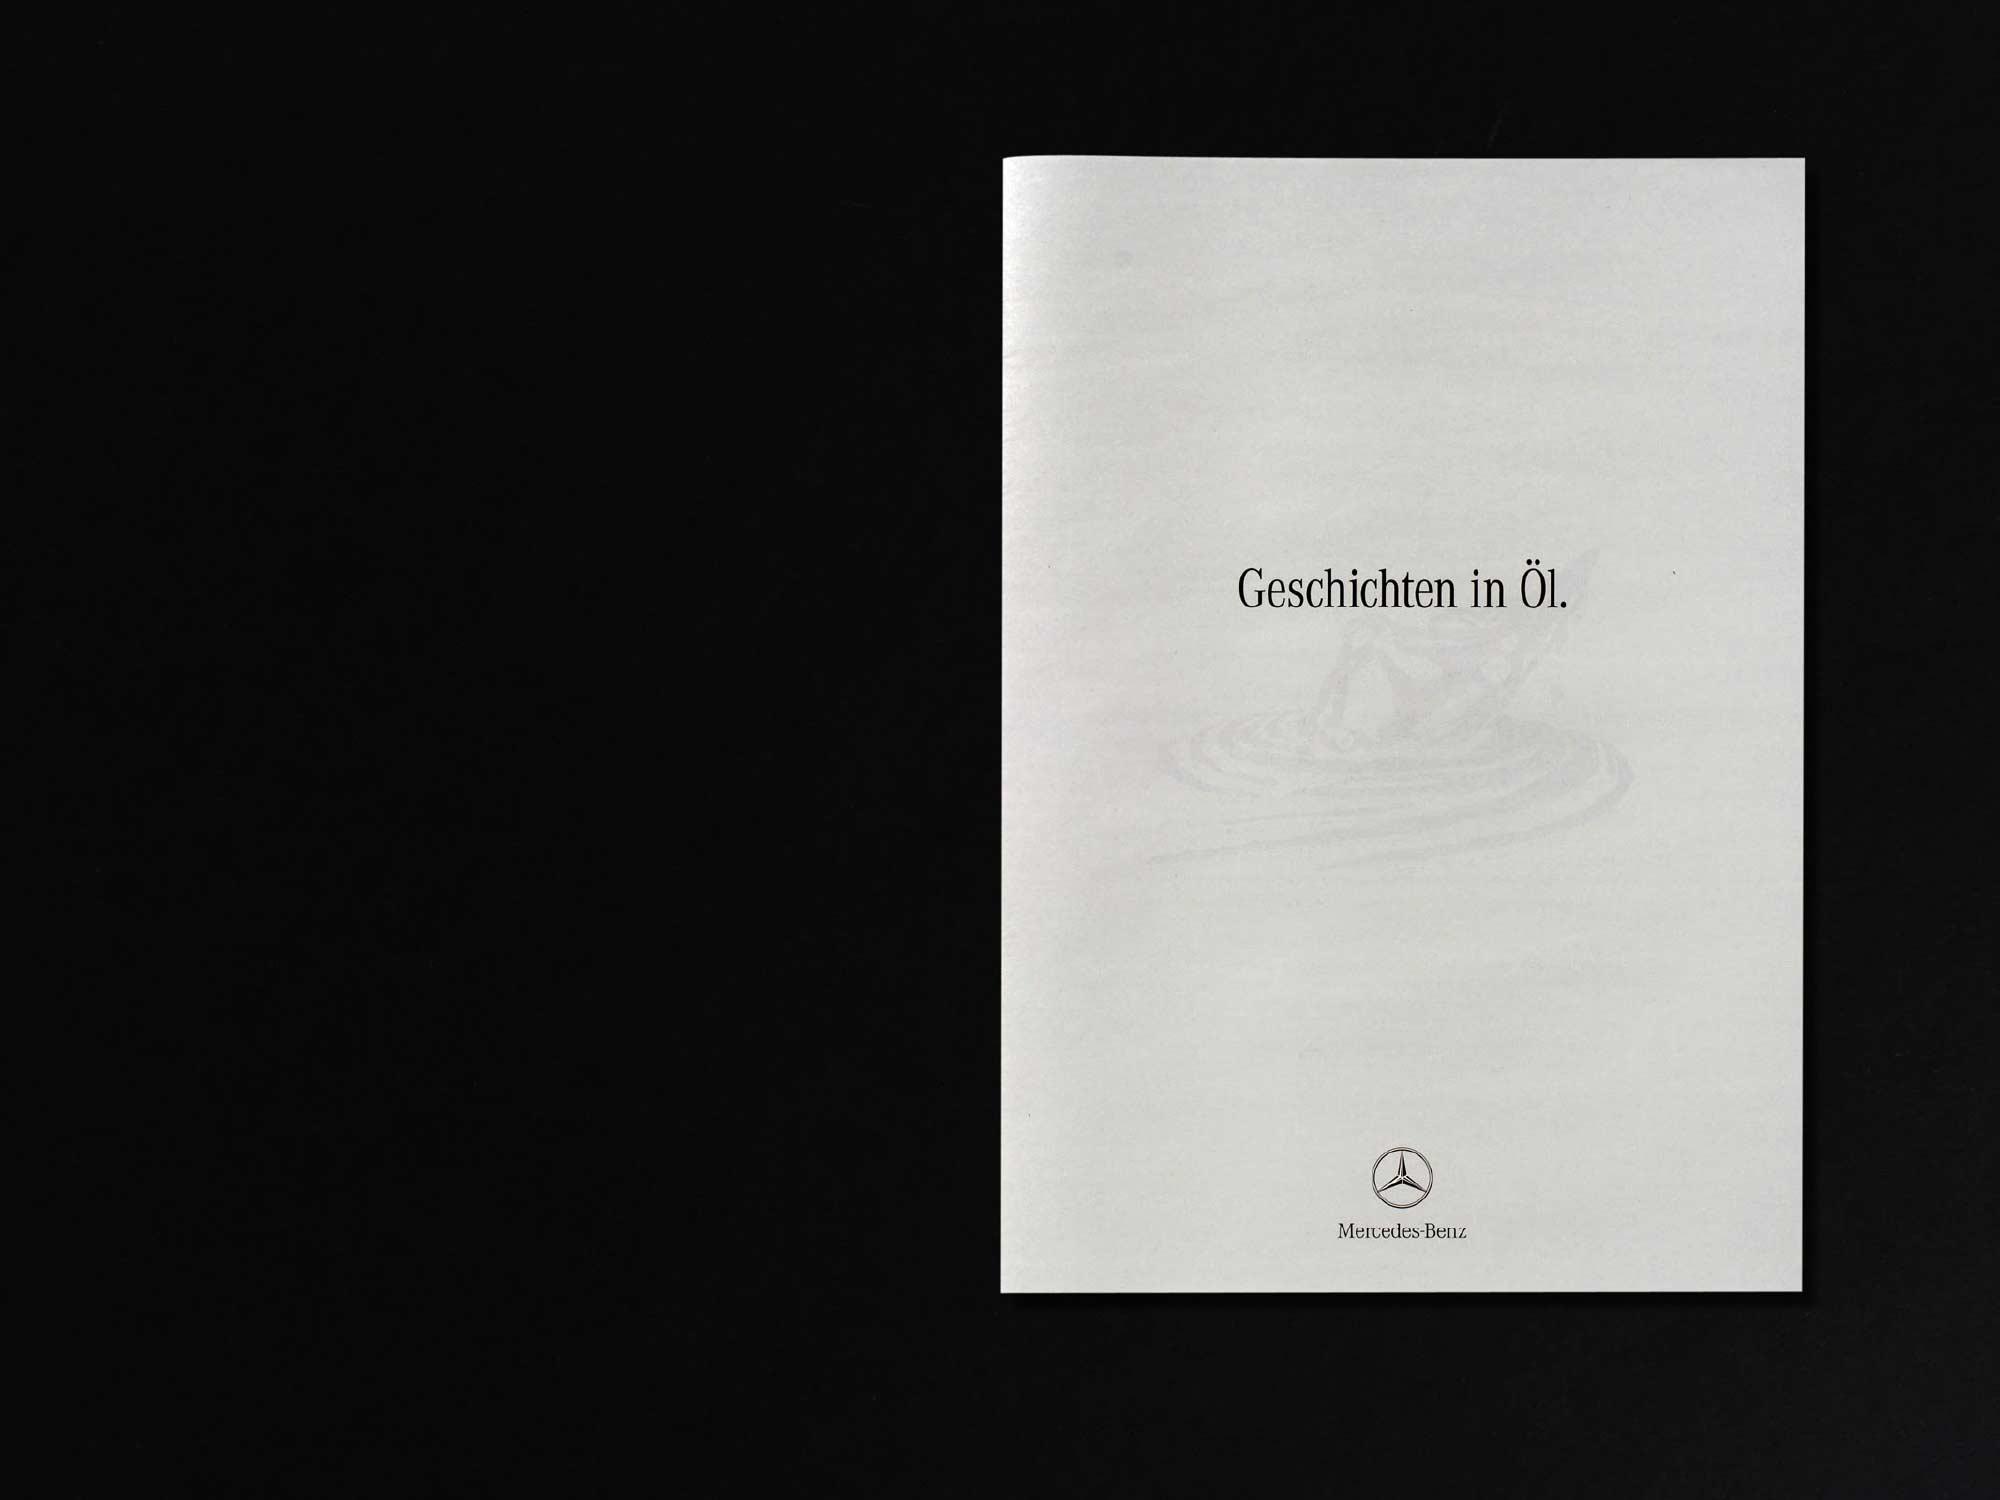 Storytelling für Mercedes